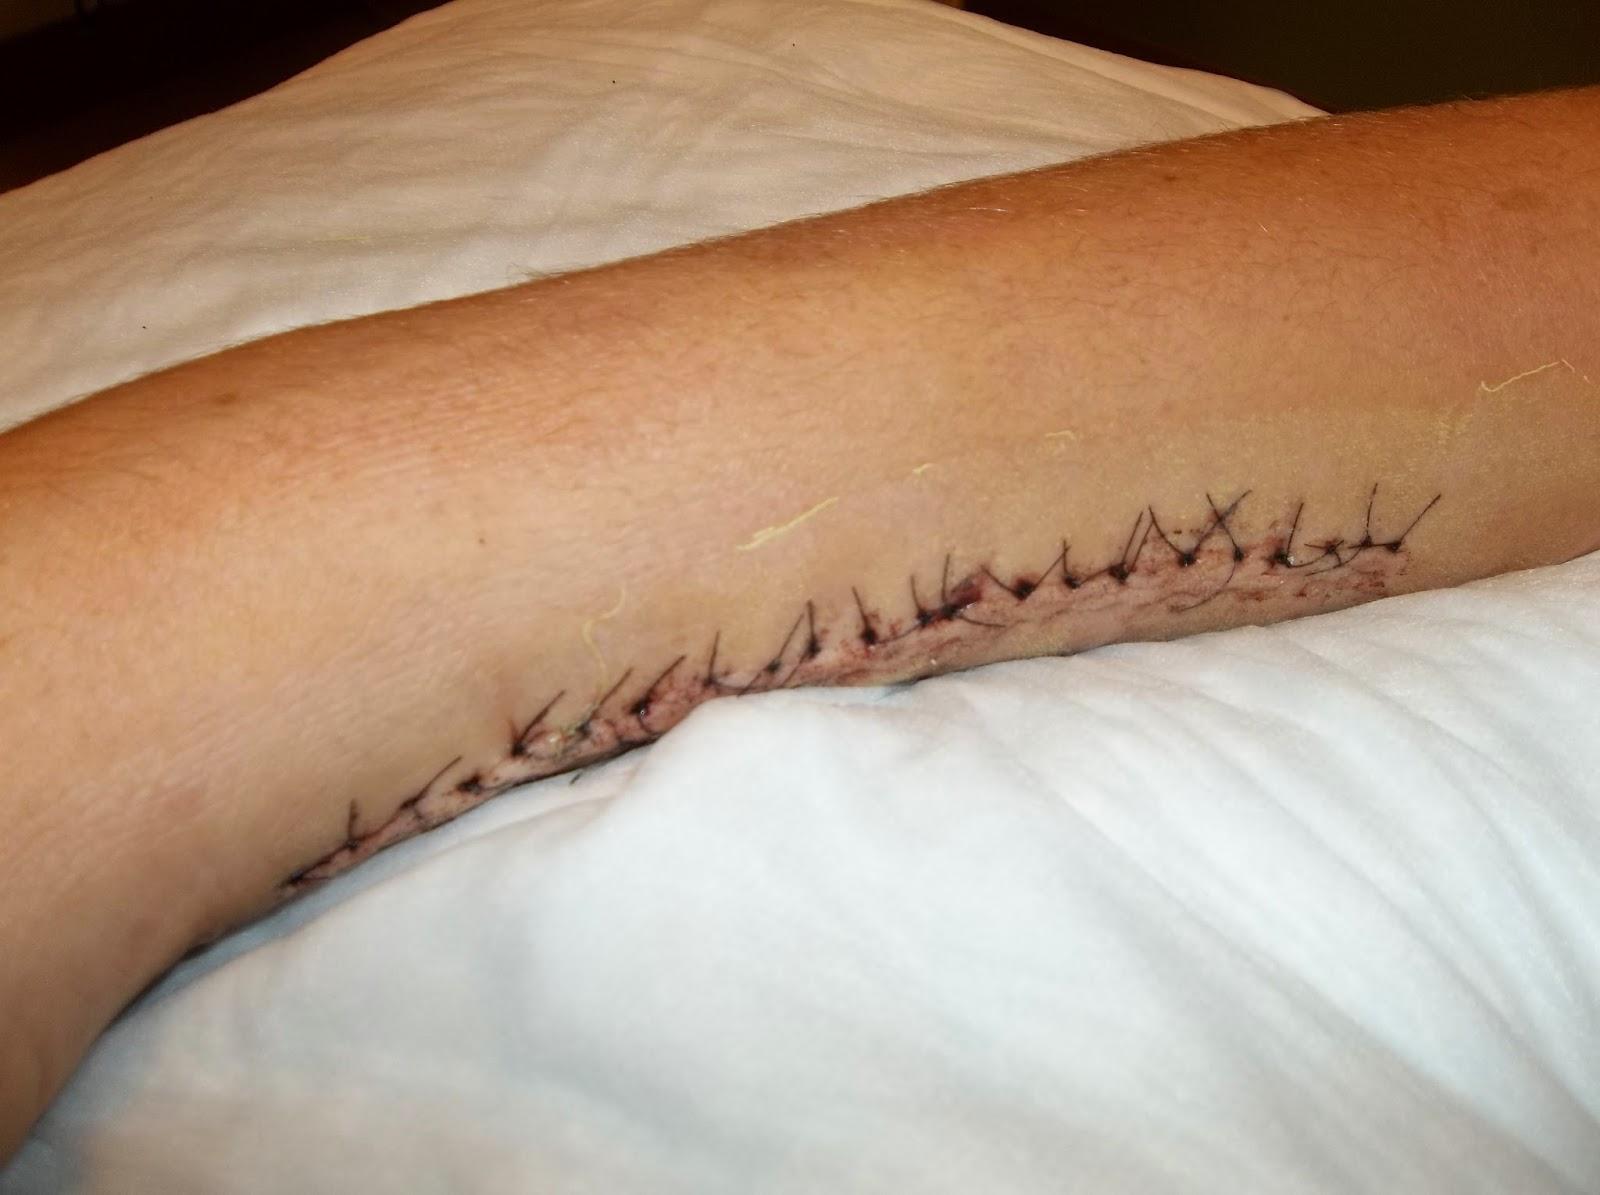 Cut Wrist Stitches